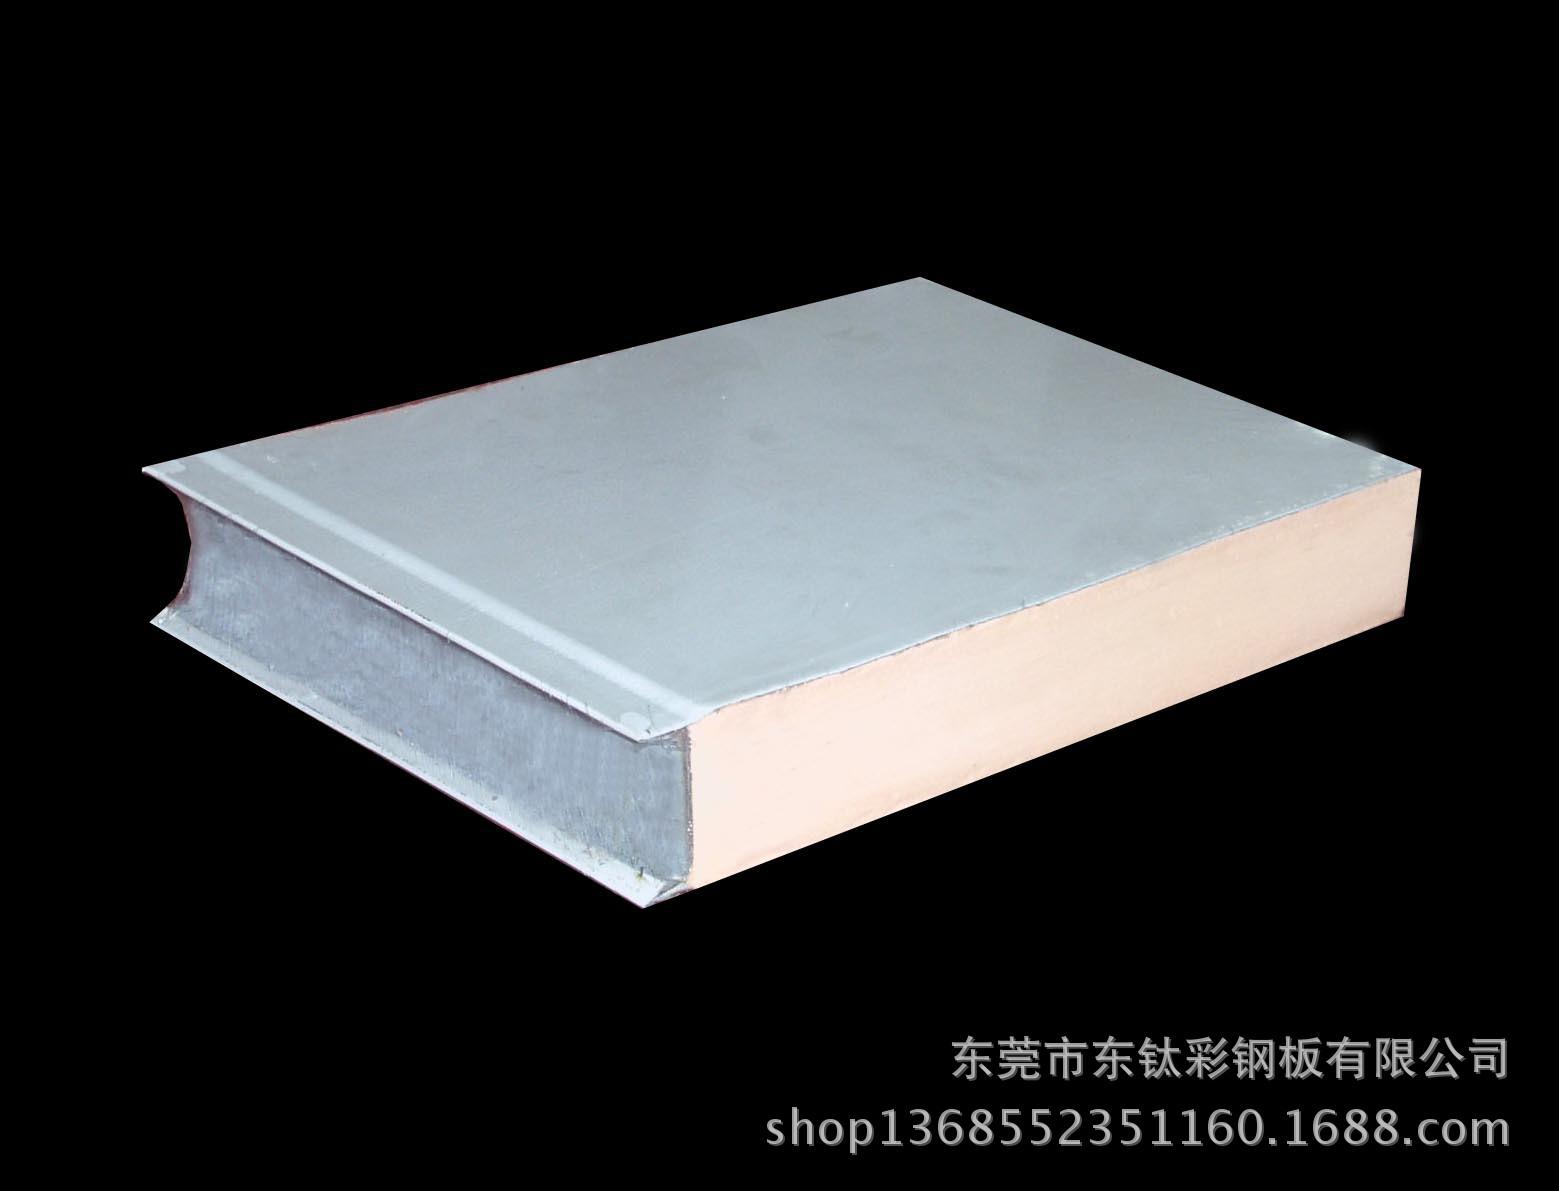 供应聚氨酯板 聚氨酯保温板 聚氨酯彩钢板